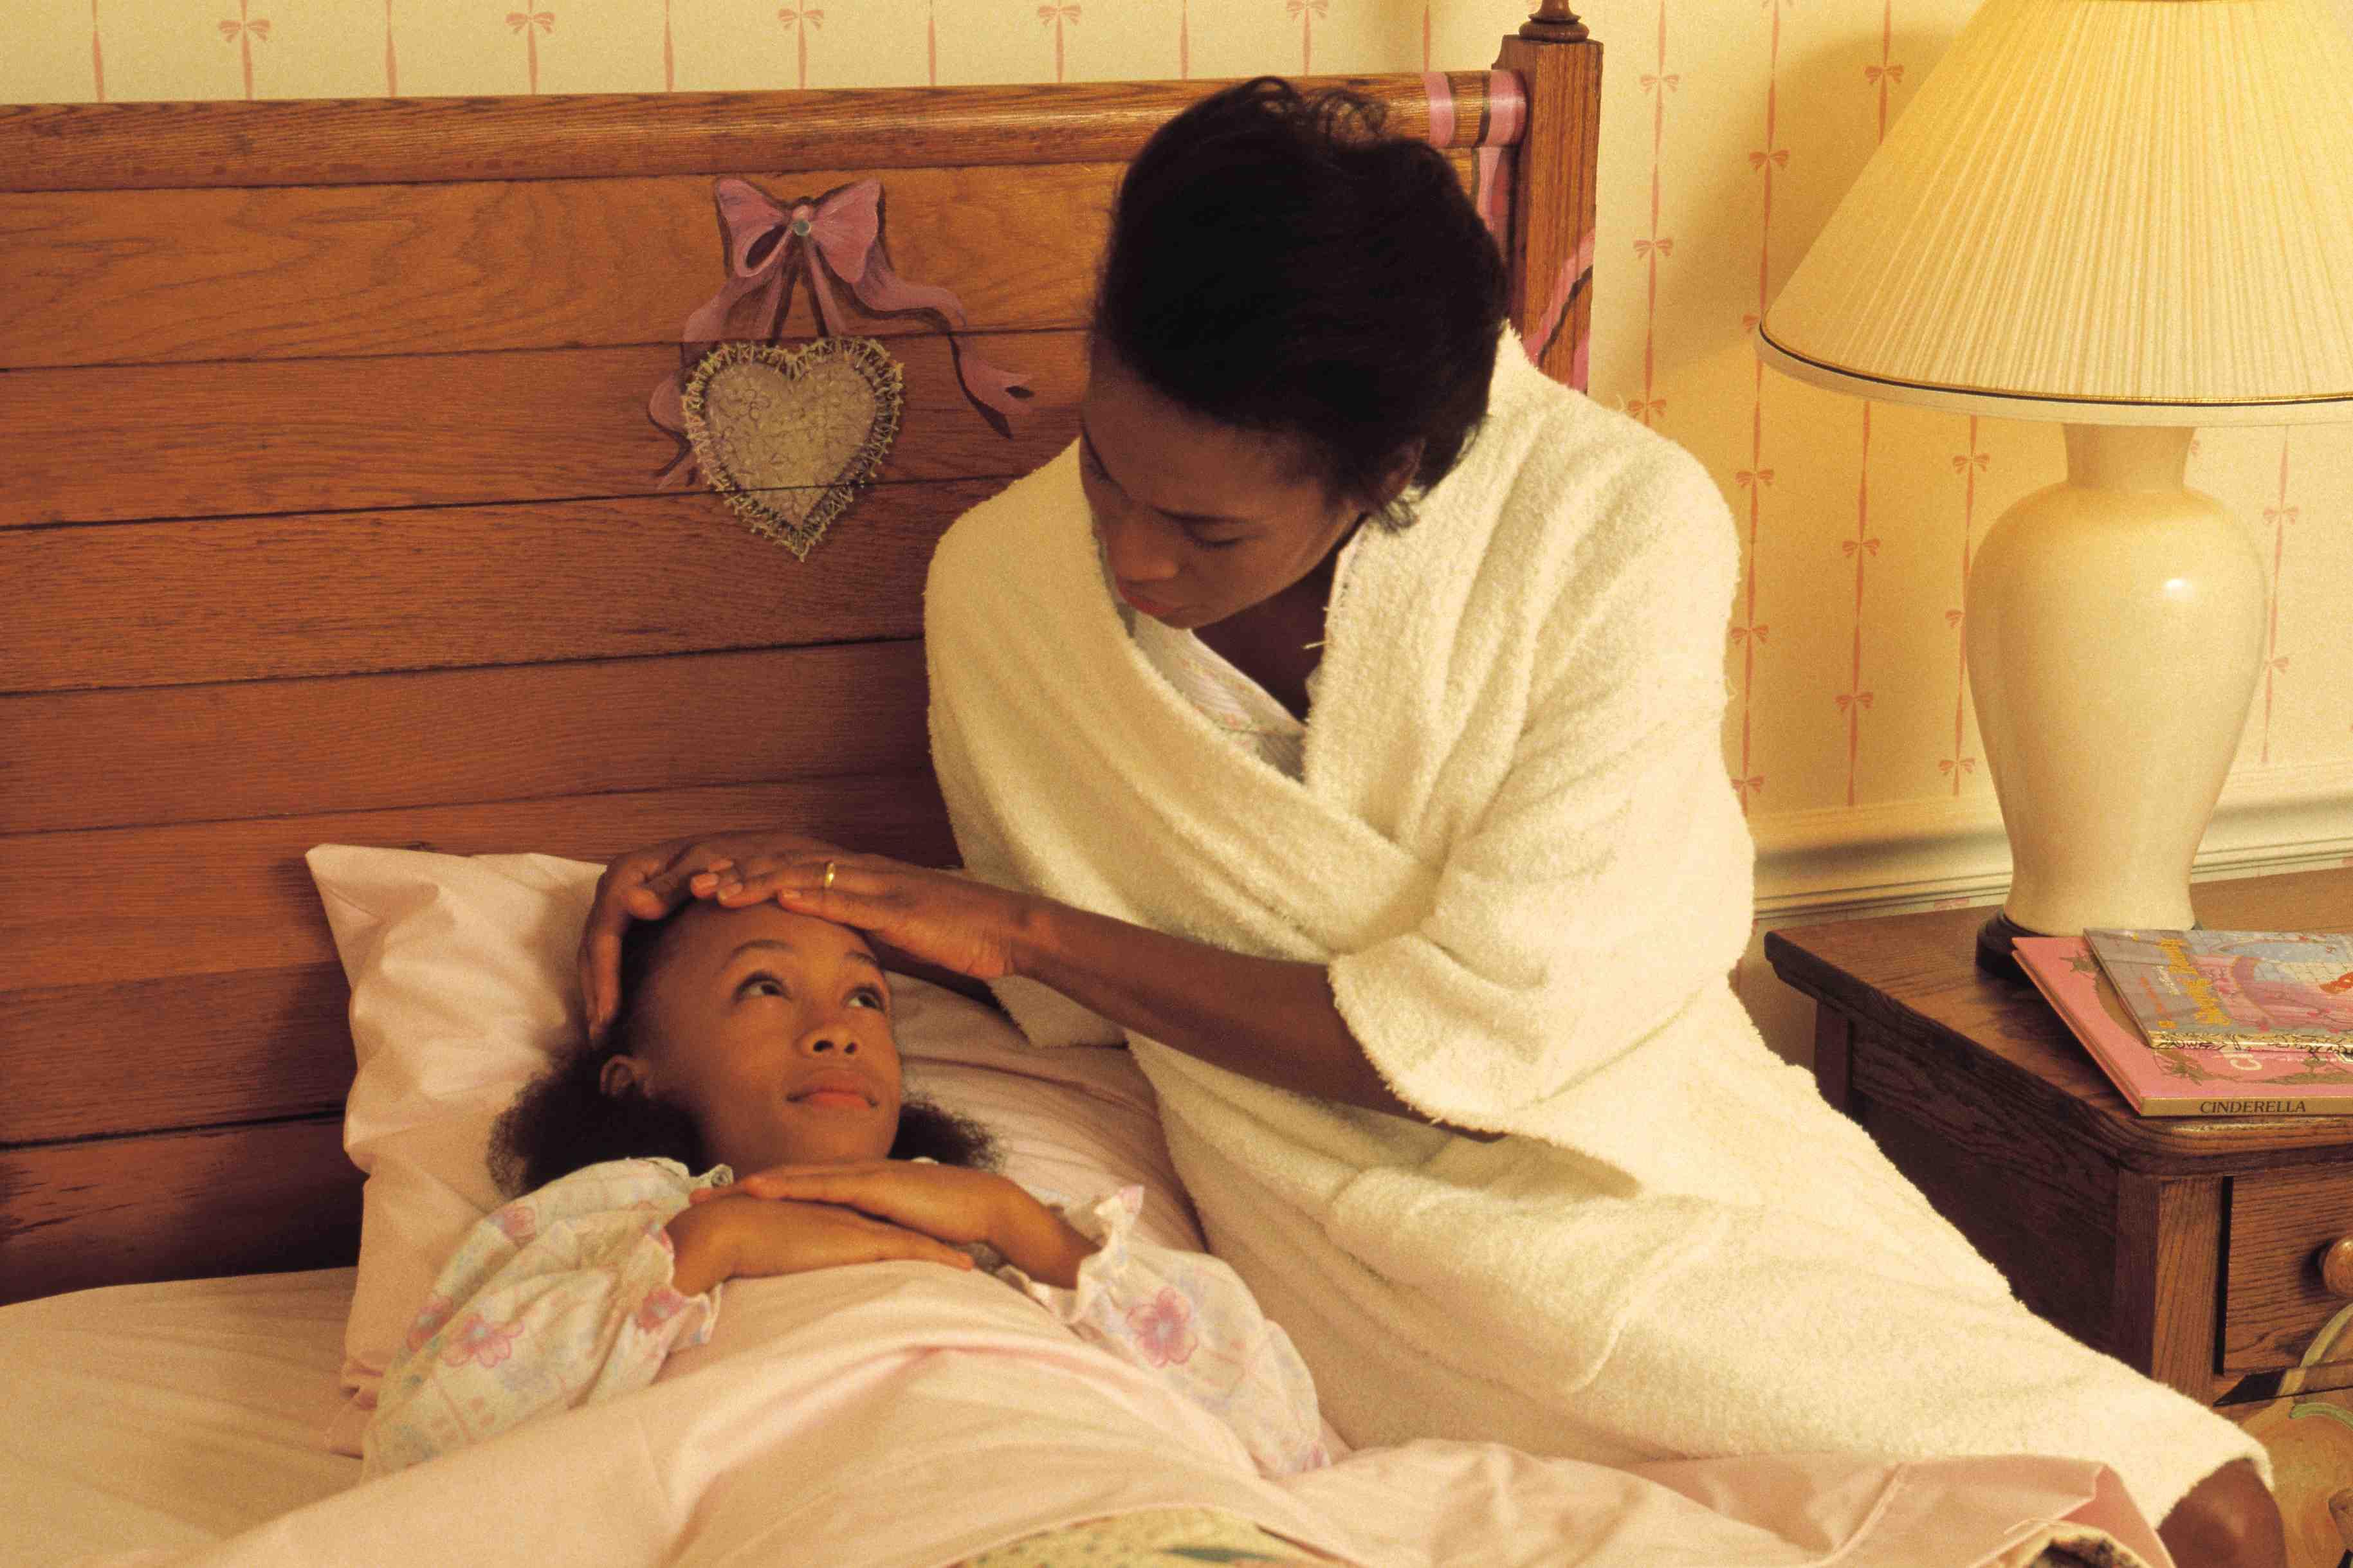 Limpieza del hogar y cuidado cuando tienes a alguien enfermo en casa